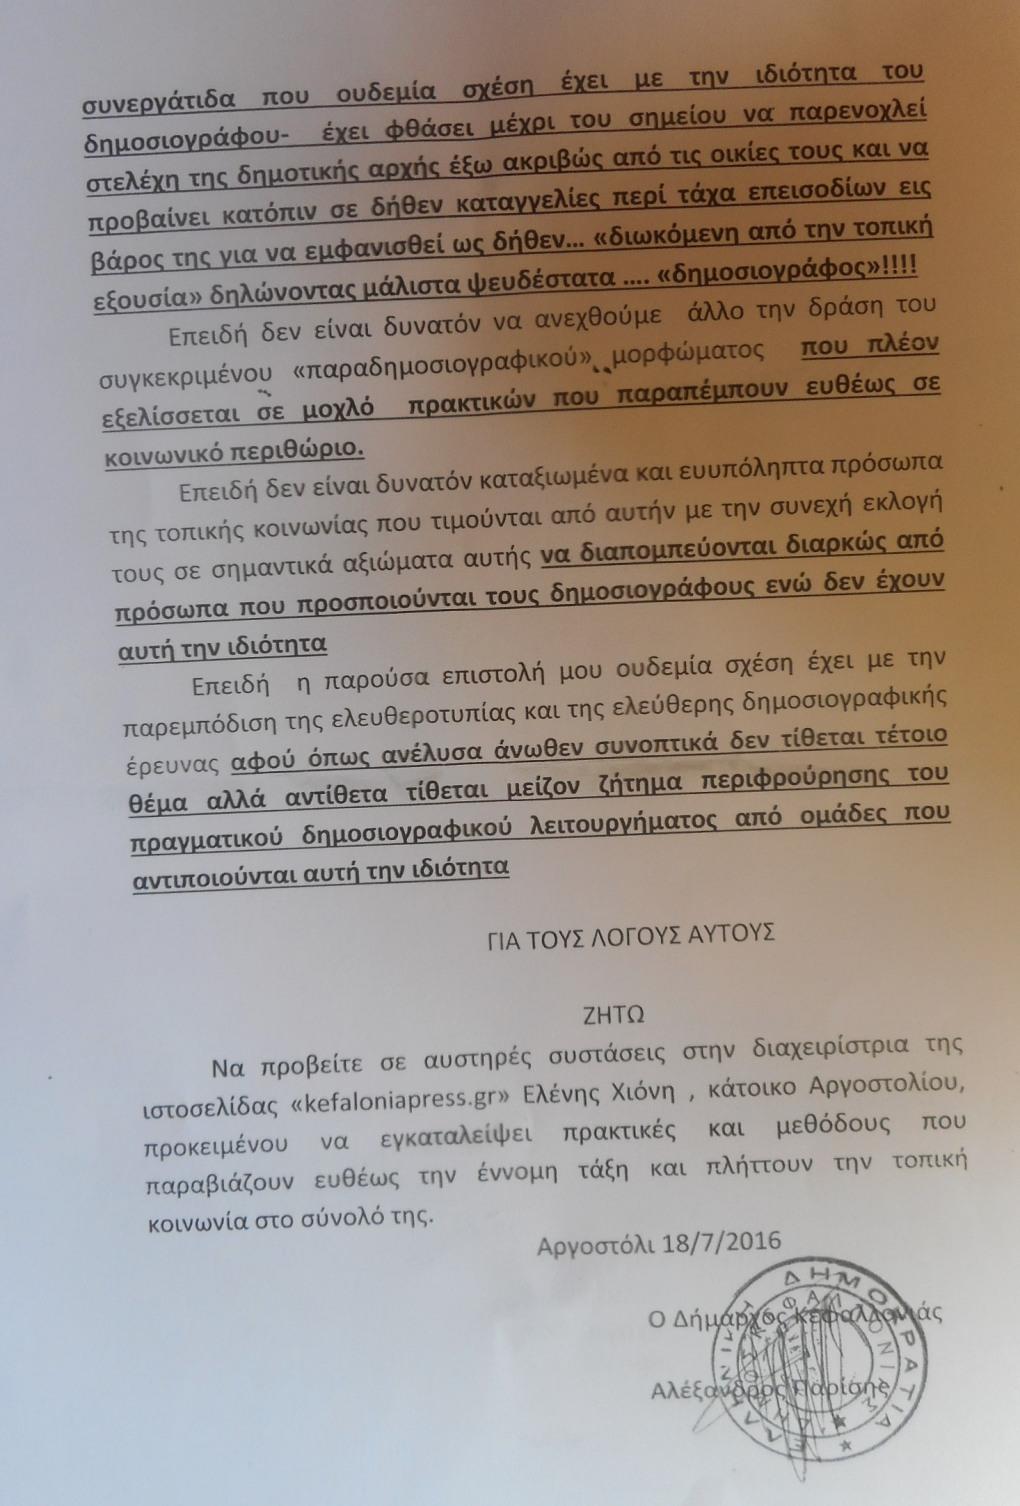 επιστολη δημαρχου σε εισαγγελεα KEFALONIA PRESS2